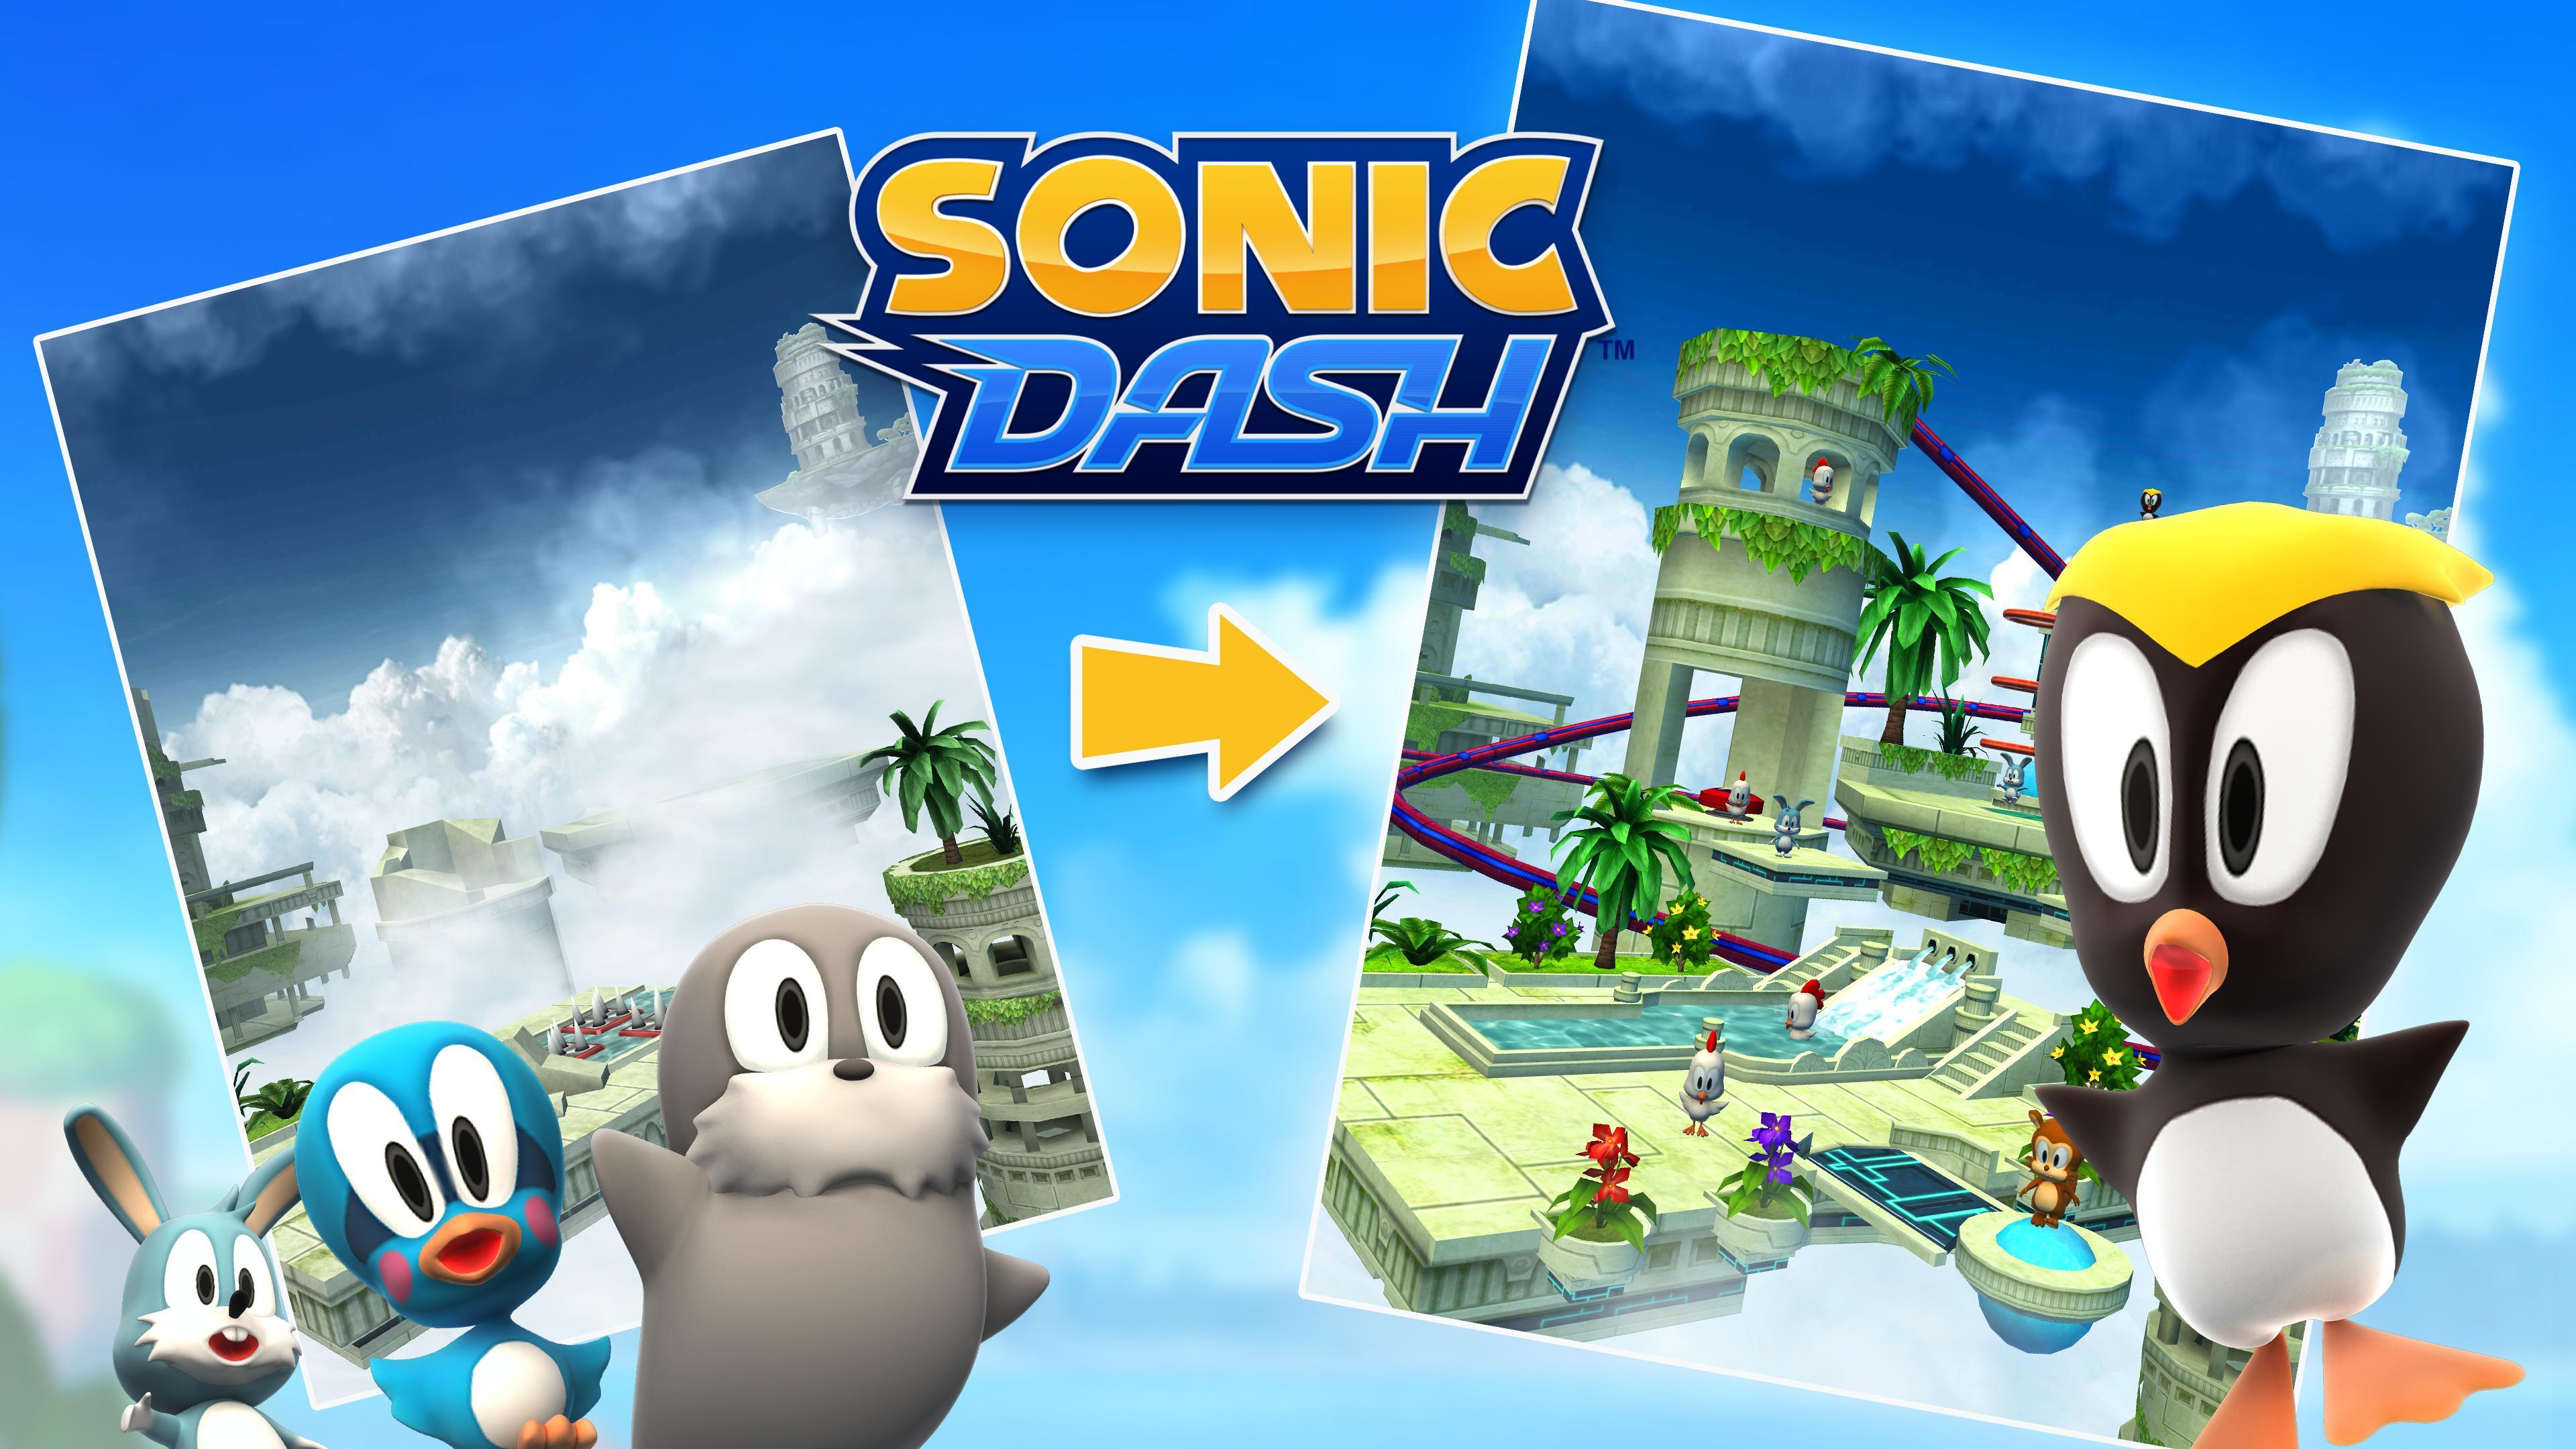 Sonic Dash - Endless Running & Racing Game 4.14.0 Screenshot 8